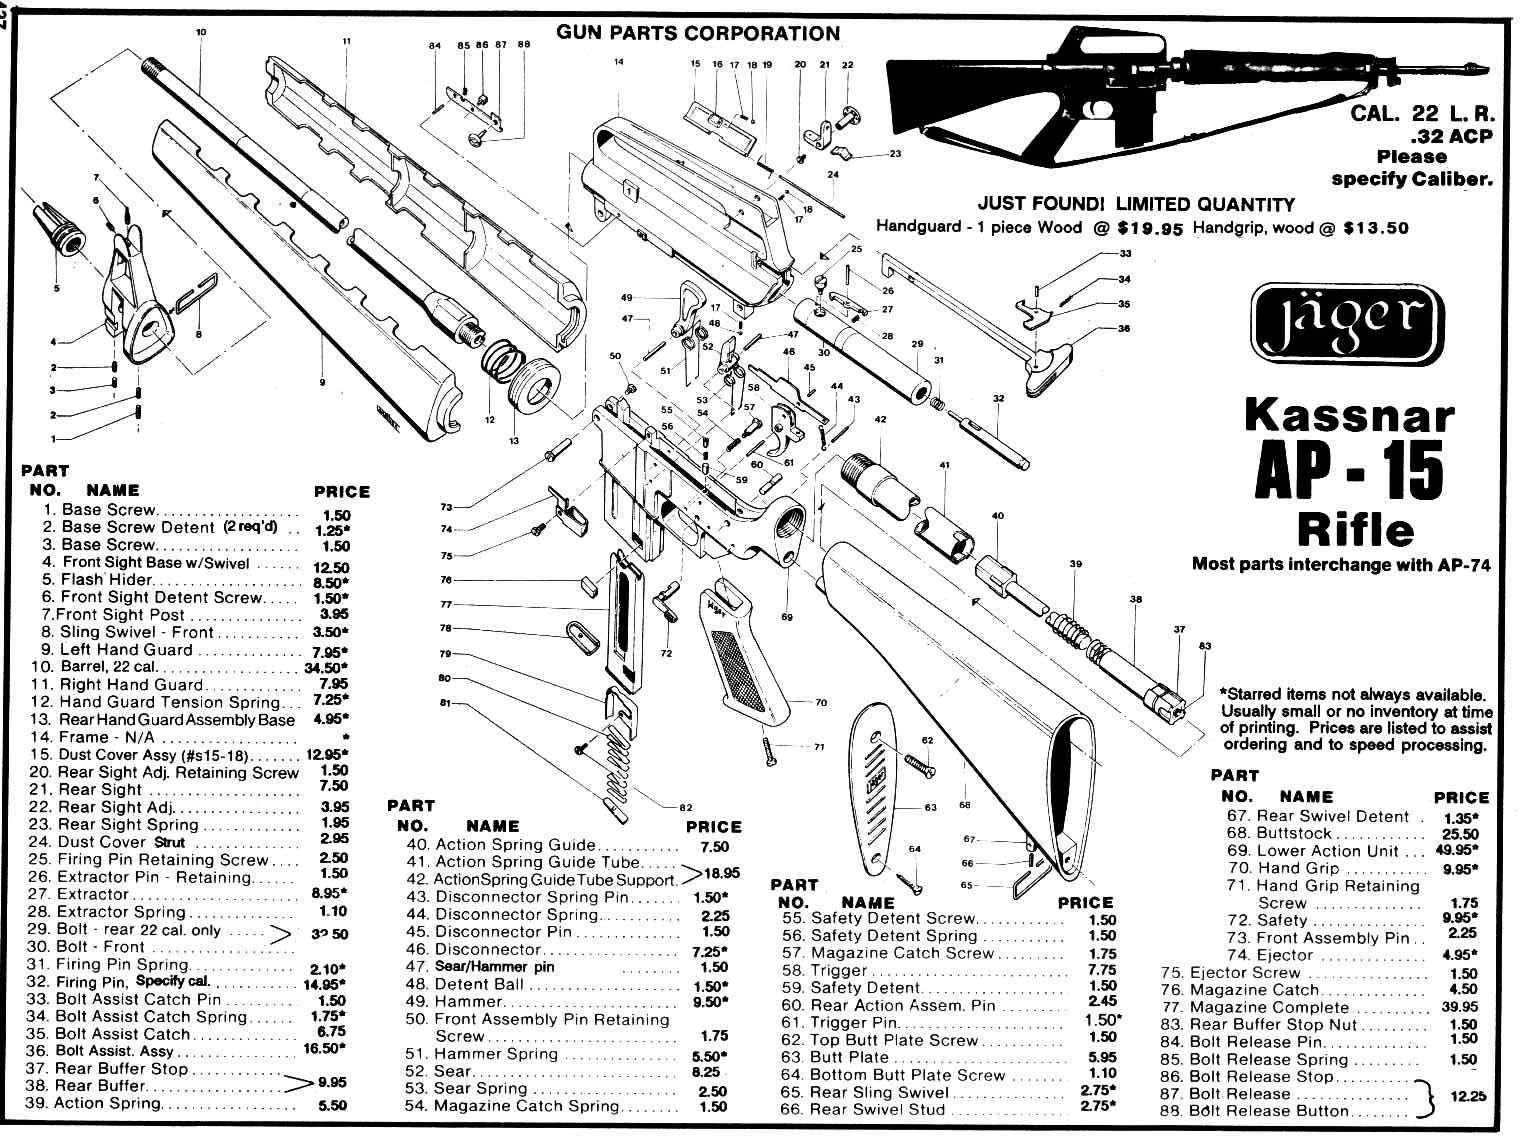 M 16 Rifle Schematic